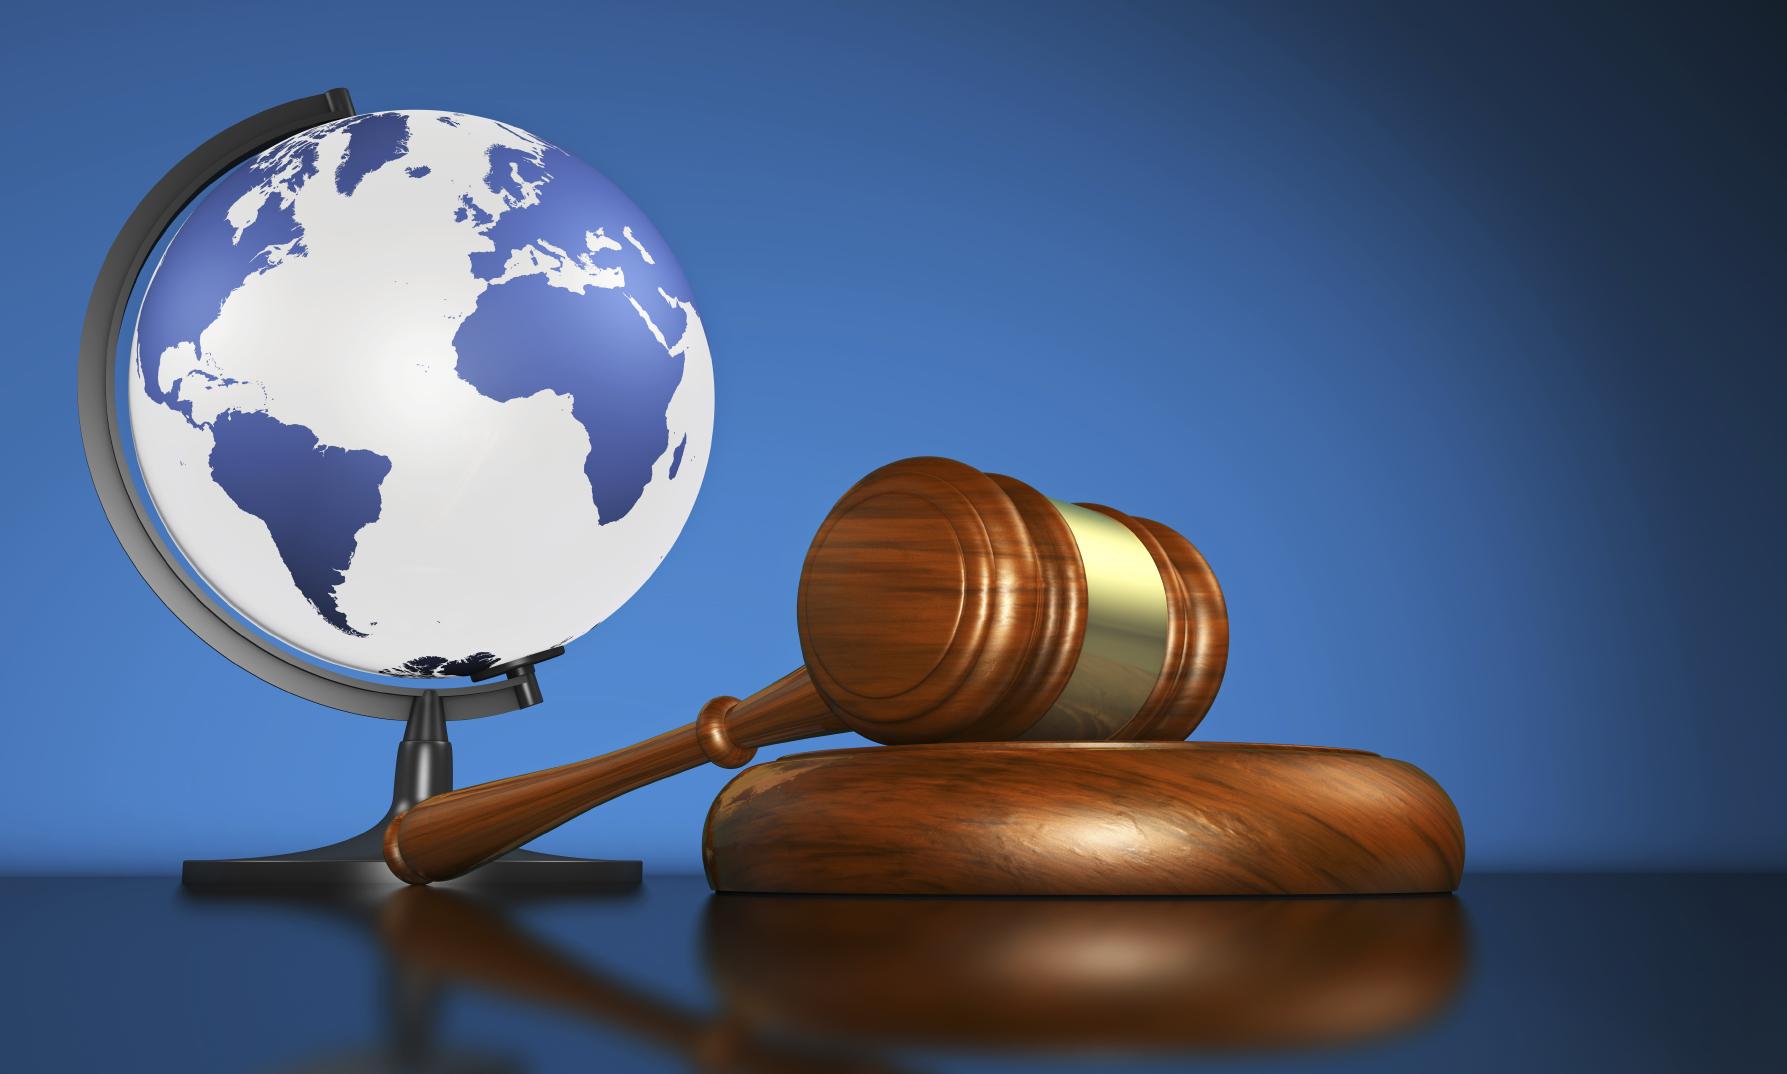 মিয়ানমারের বিরুদ্ধে অন্তর্বর্তীকালীন আদেশের আবেদন যৌক্তিক: আন্তর্জাতিক আদালত